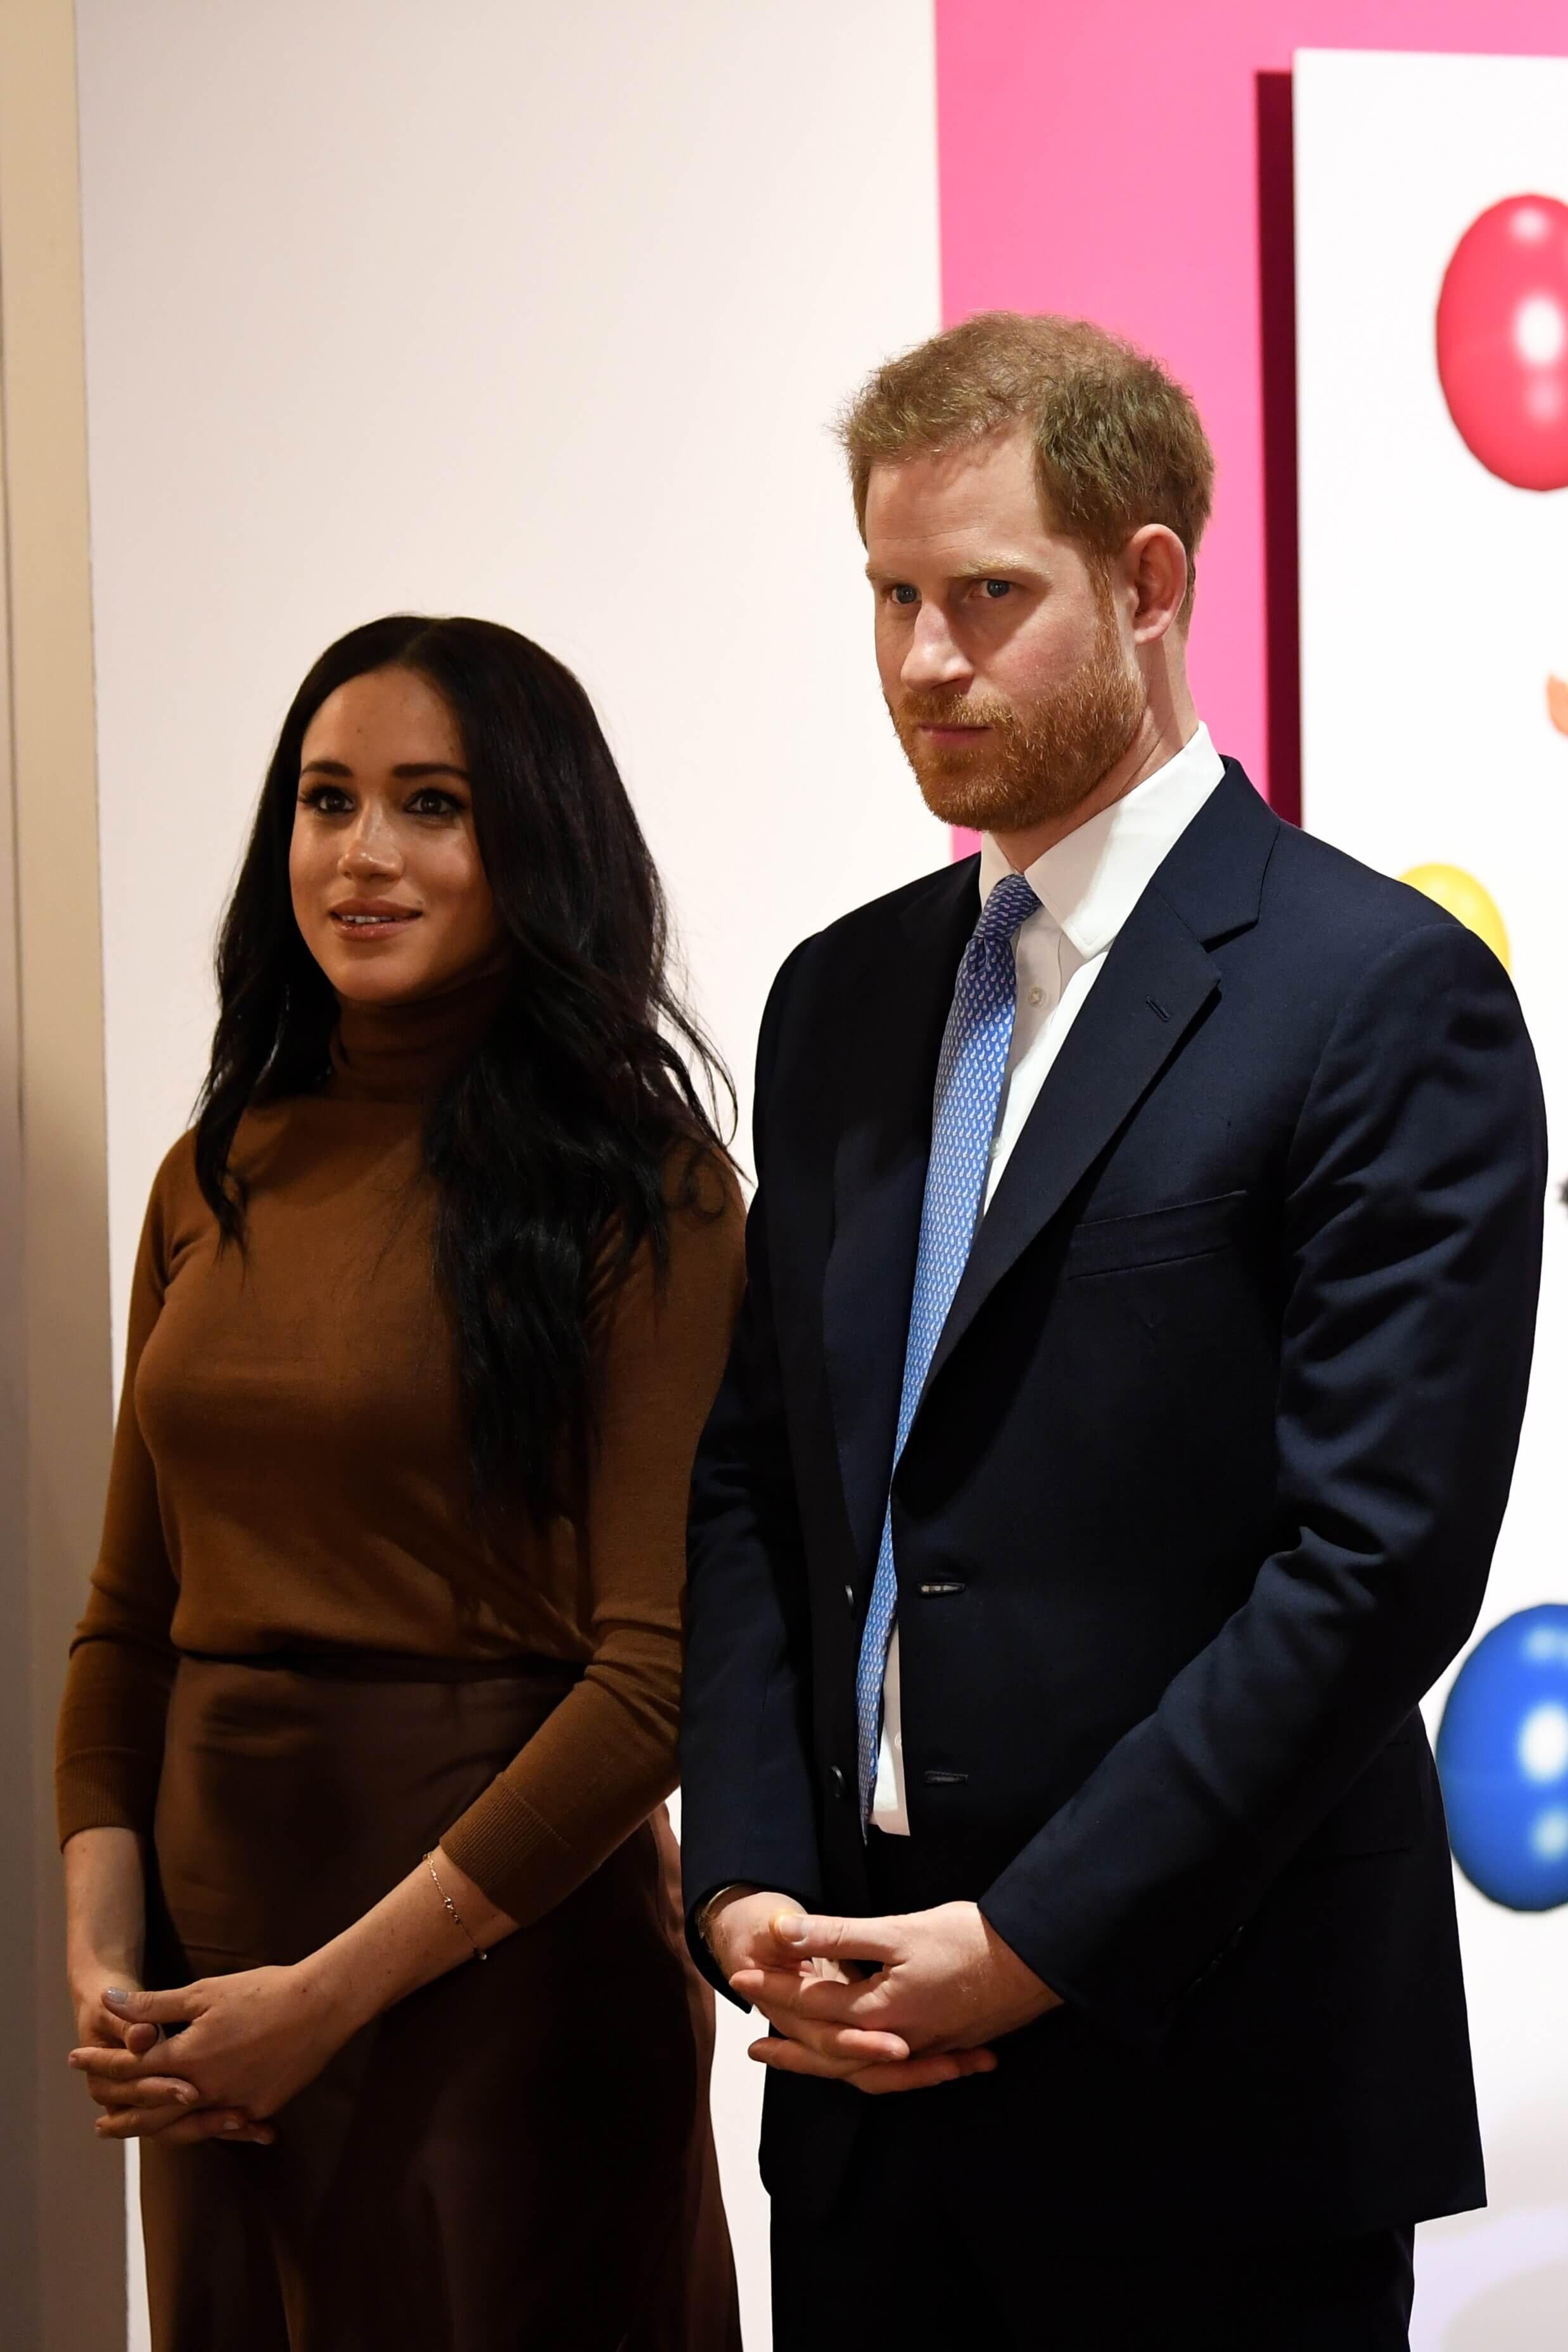 Herzogin Meghan und Prinz Harry geben in einem Statement Aufschluss darüber, wie ihre Zukunft aussehen soll.  © picture alliance / Photoshot